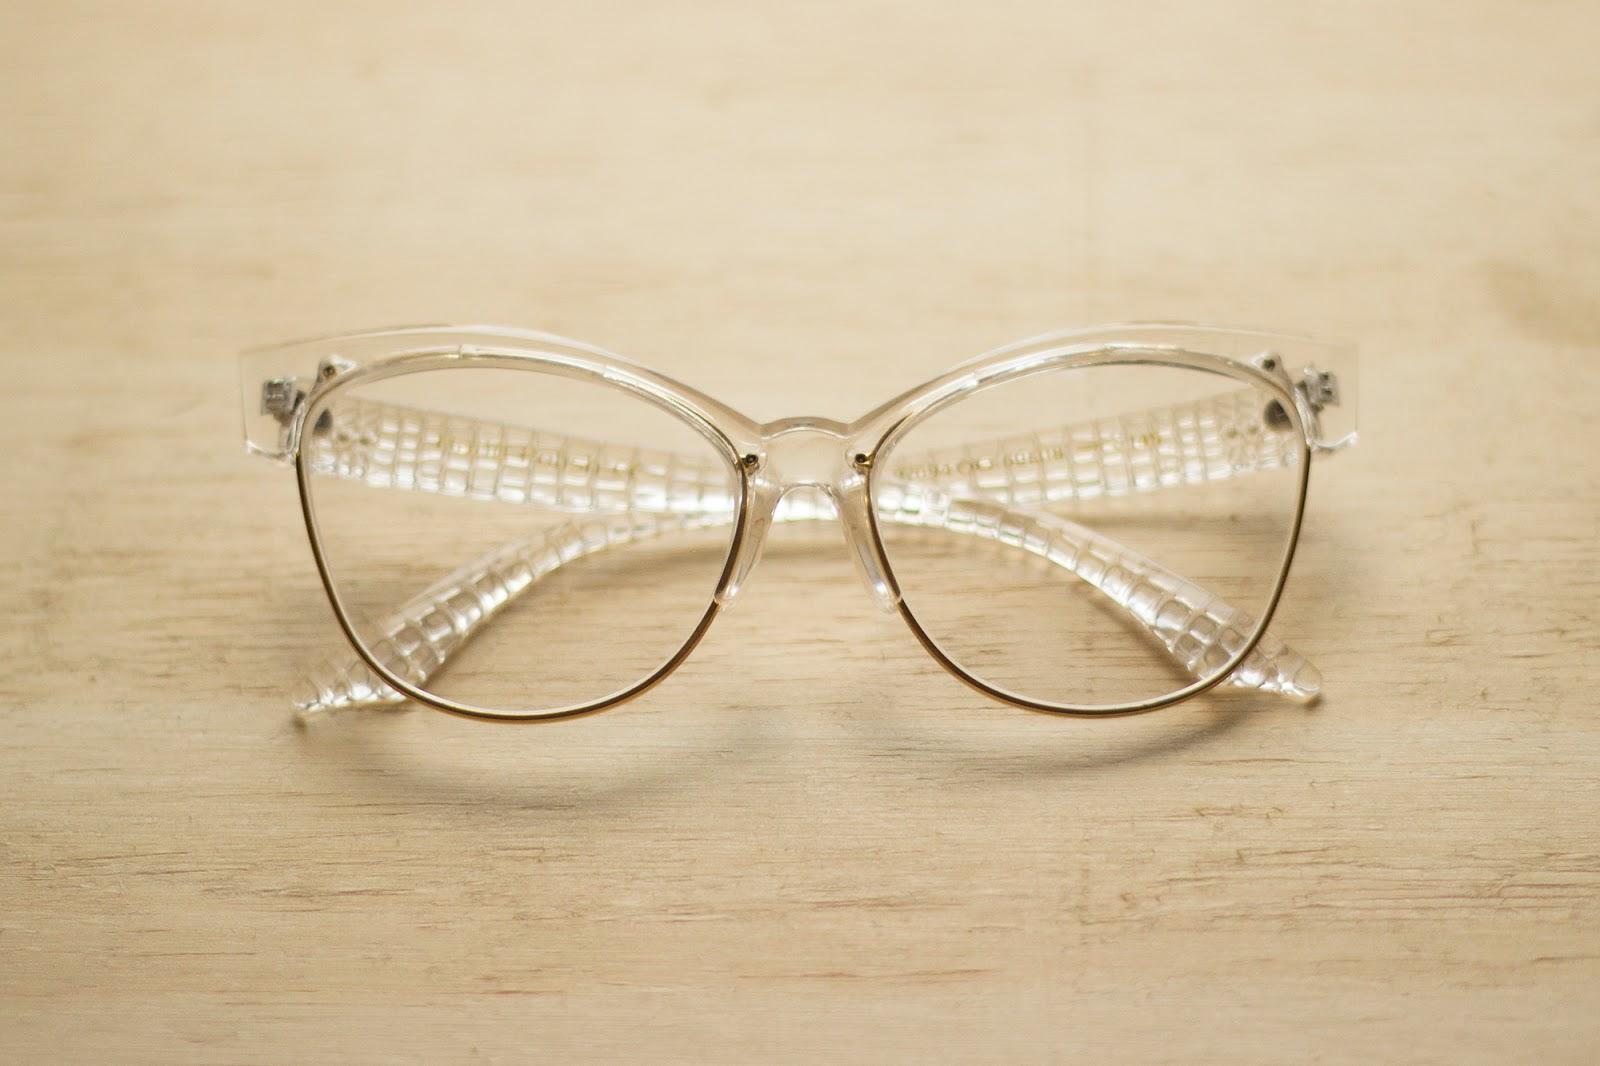 7d39561e9 Comprar Oculos De Grau « One More Soul